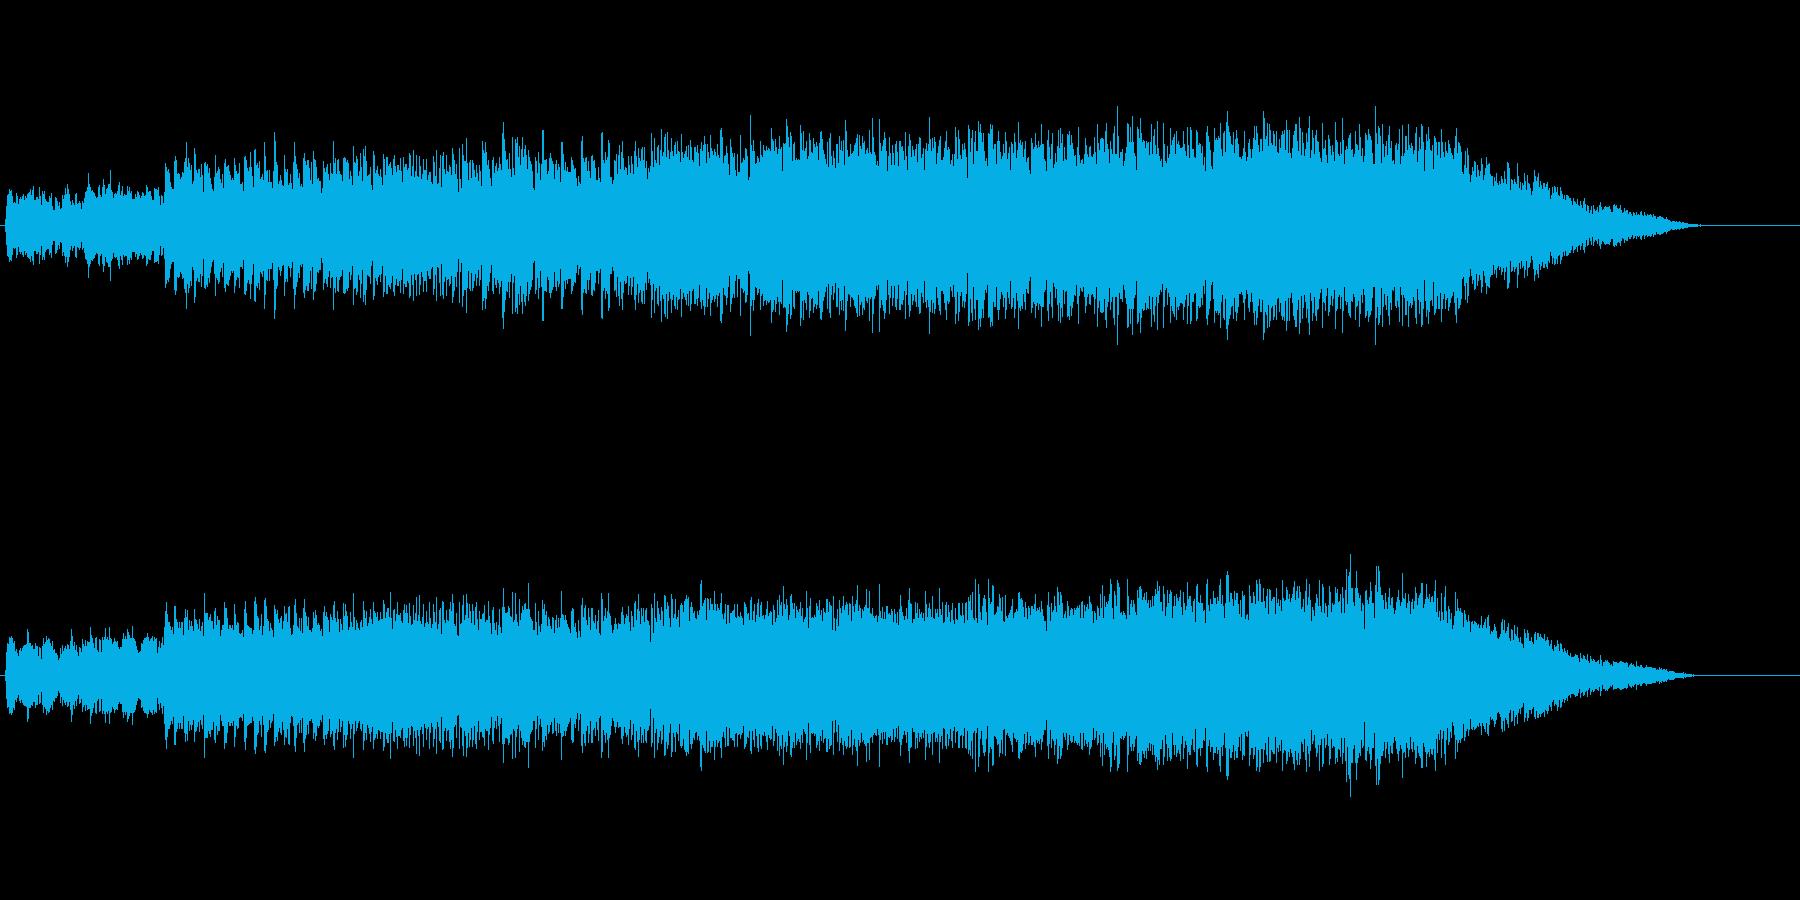 サイエンス・フィクション向きの環境音楽の再生済みの波形